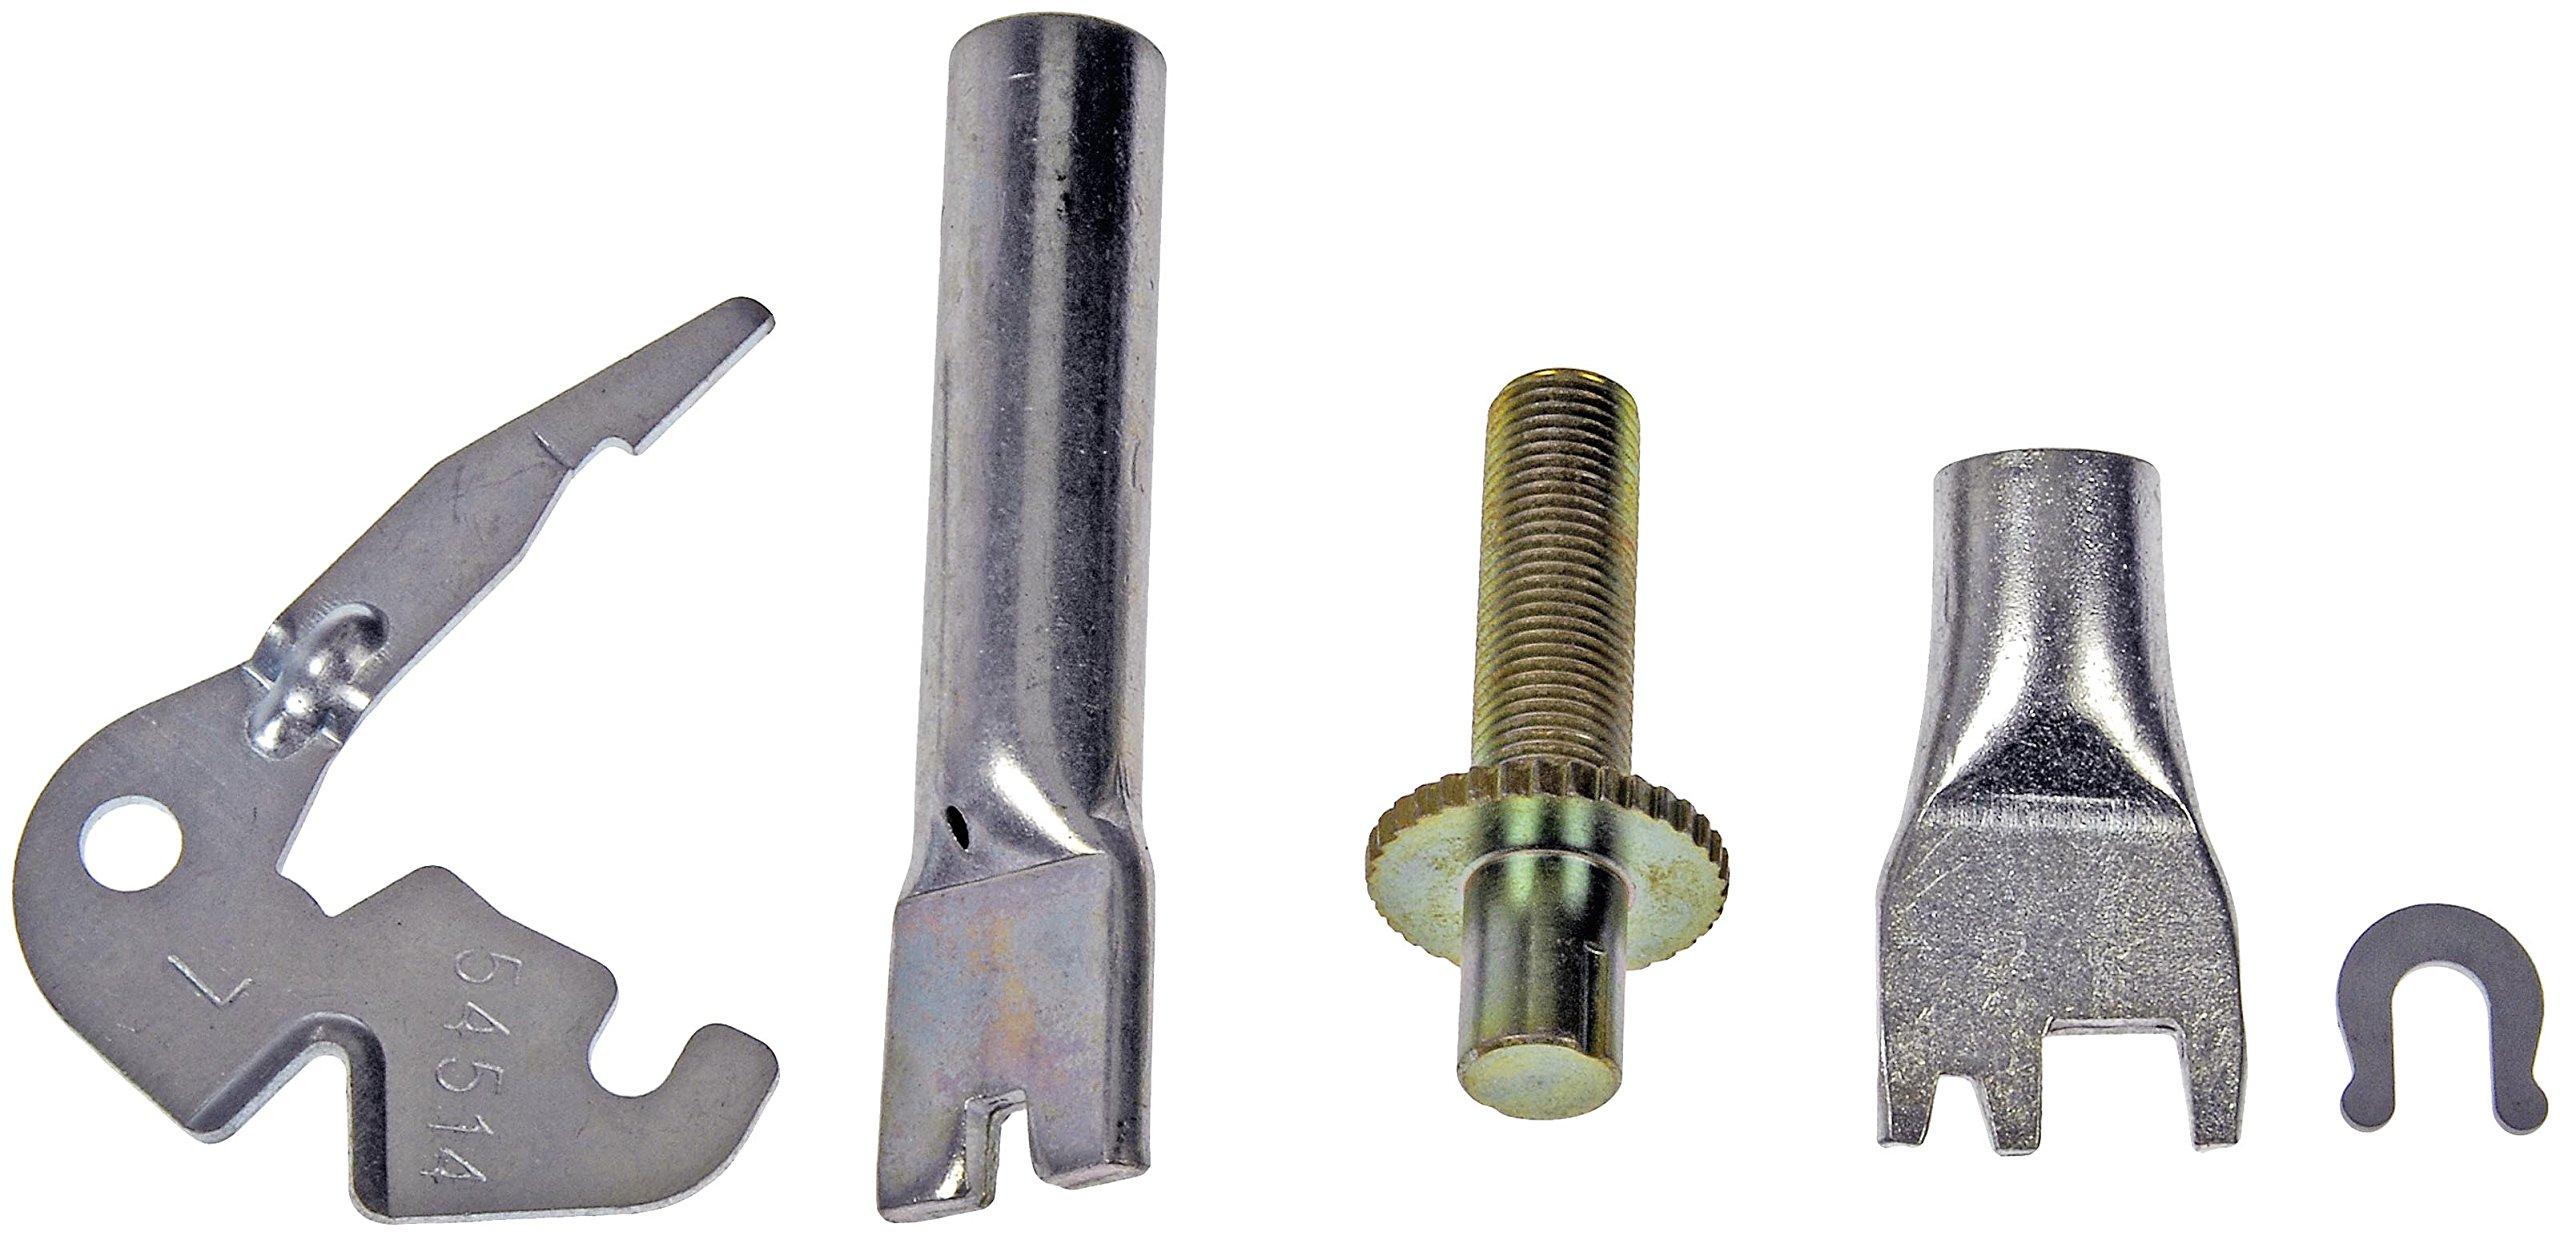 DORMAN HW2808 Drum Brake Self Adjuster Repair Kit